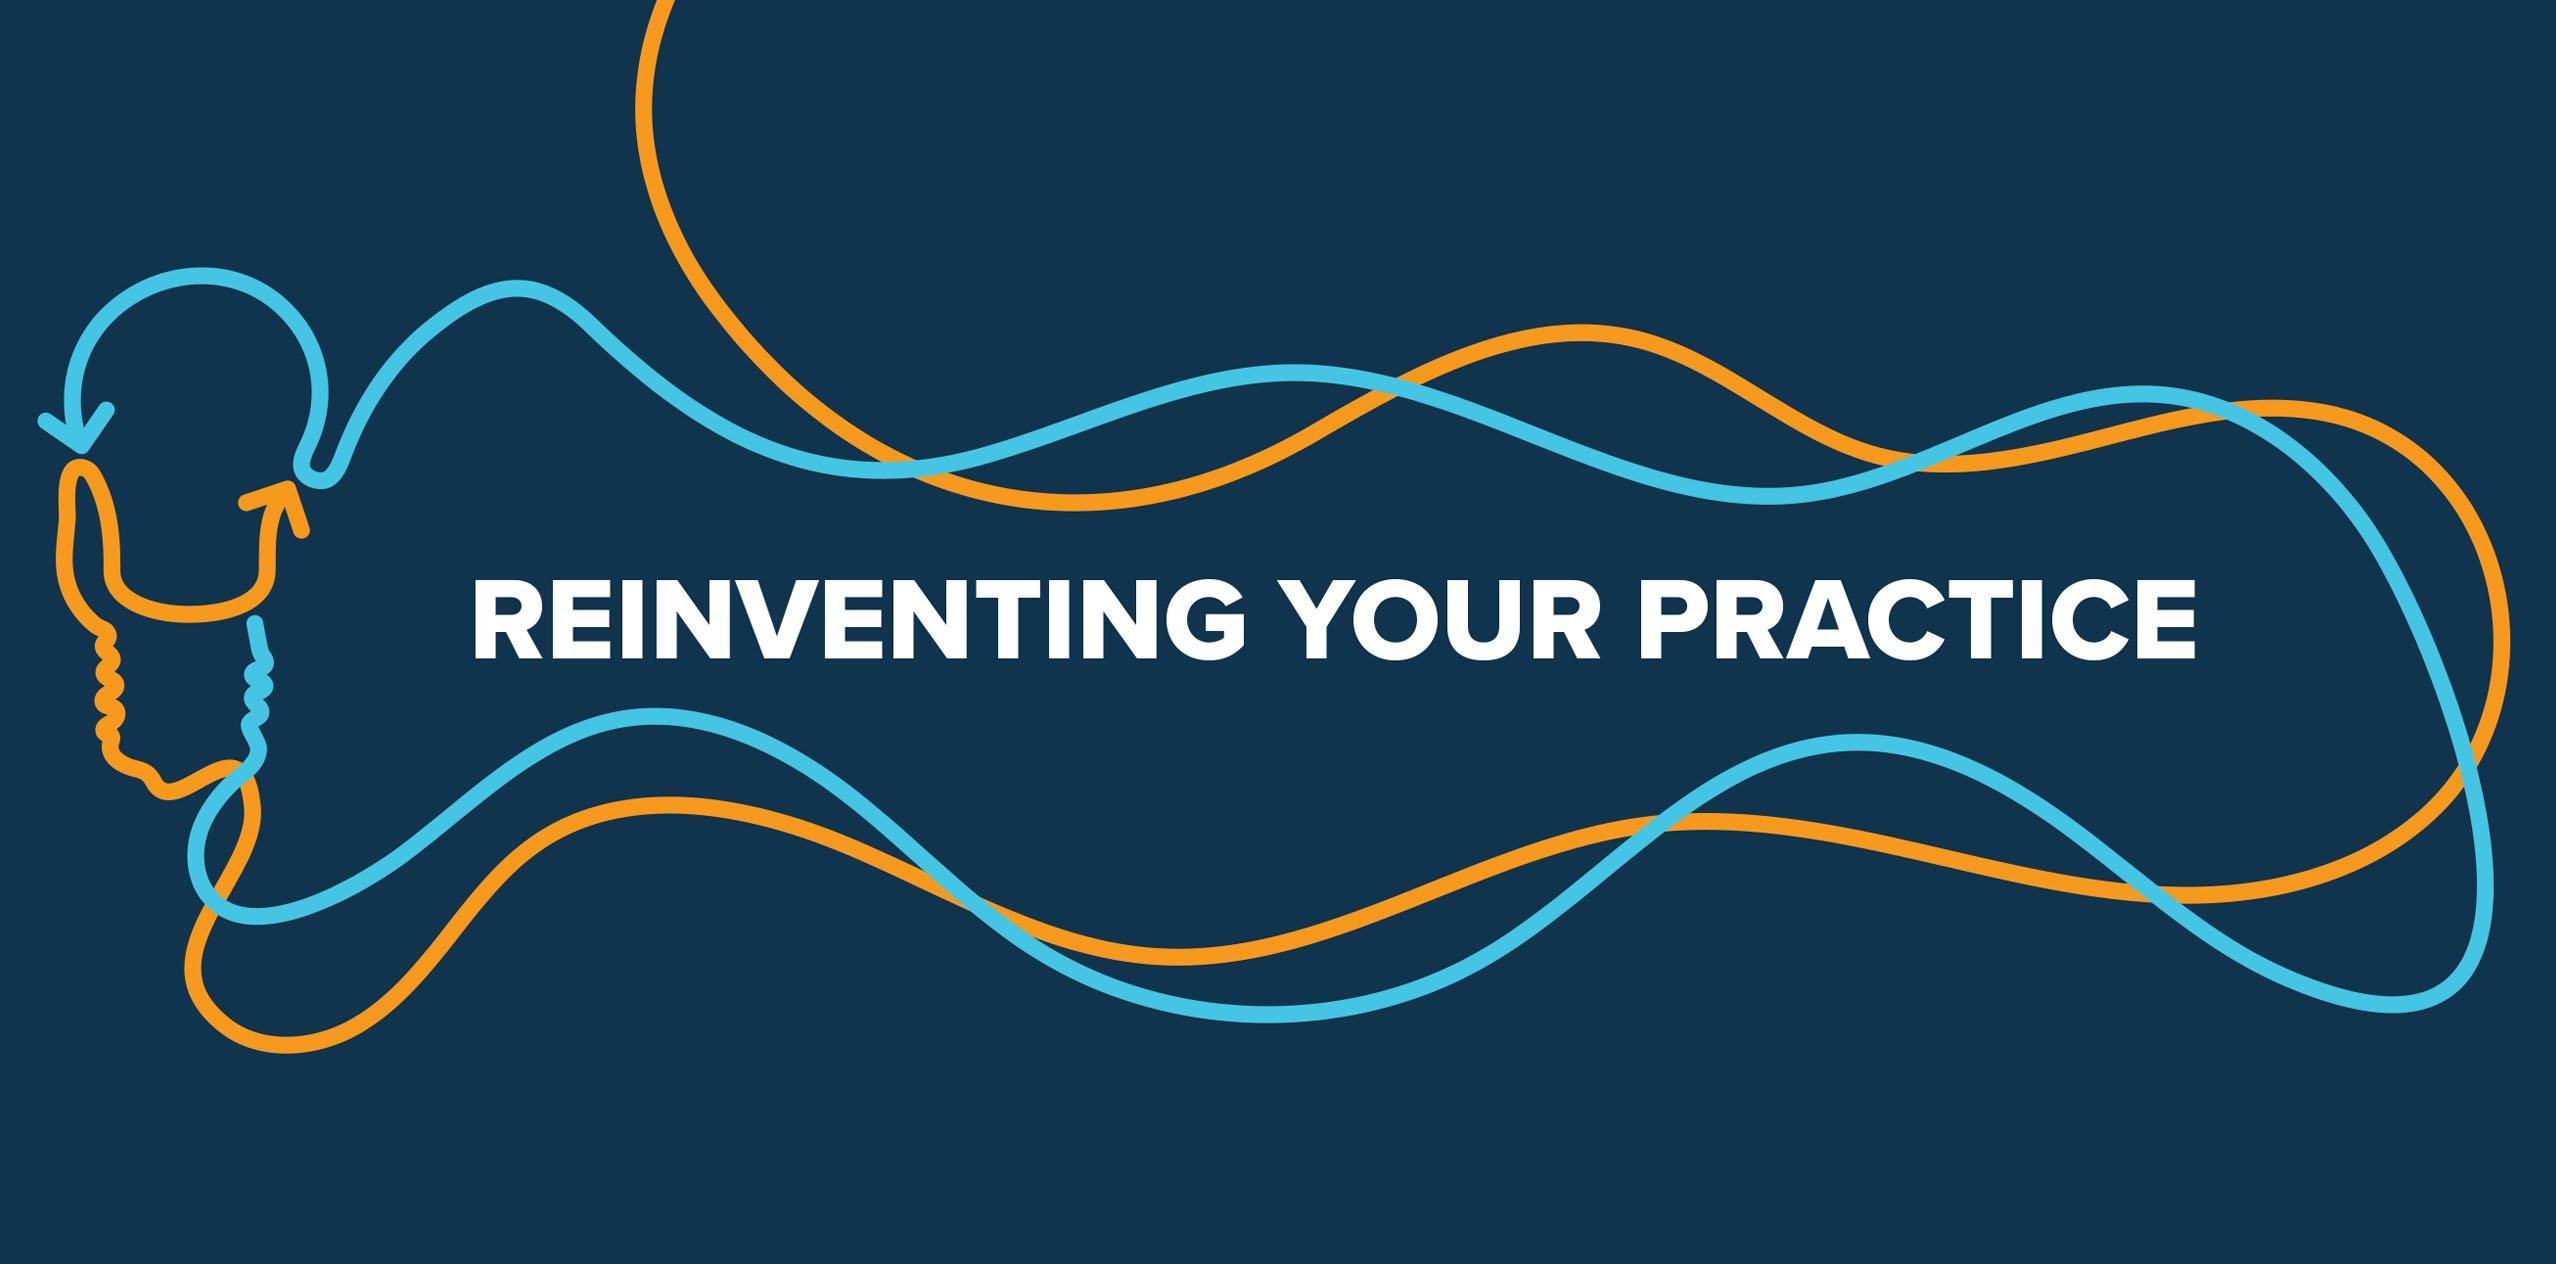 ReinventingYourPractice_blog